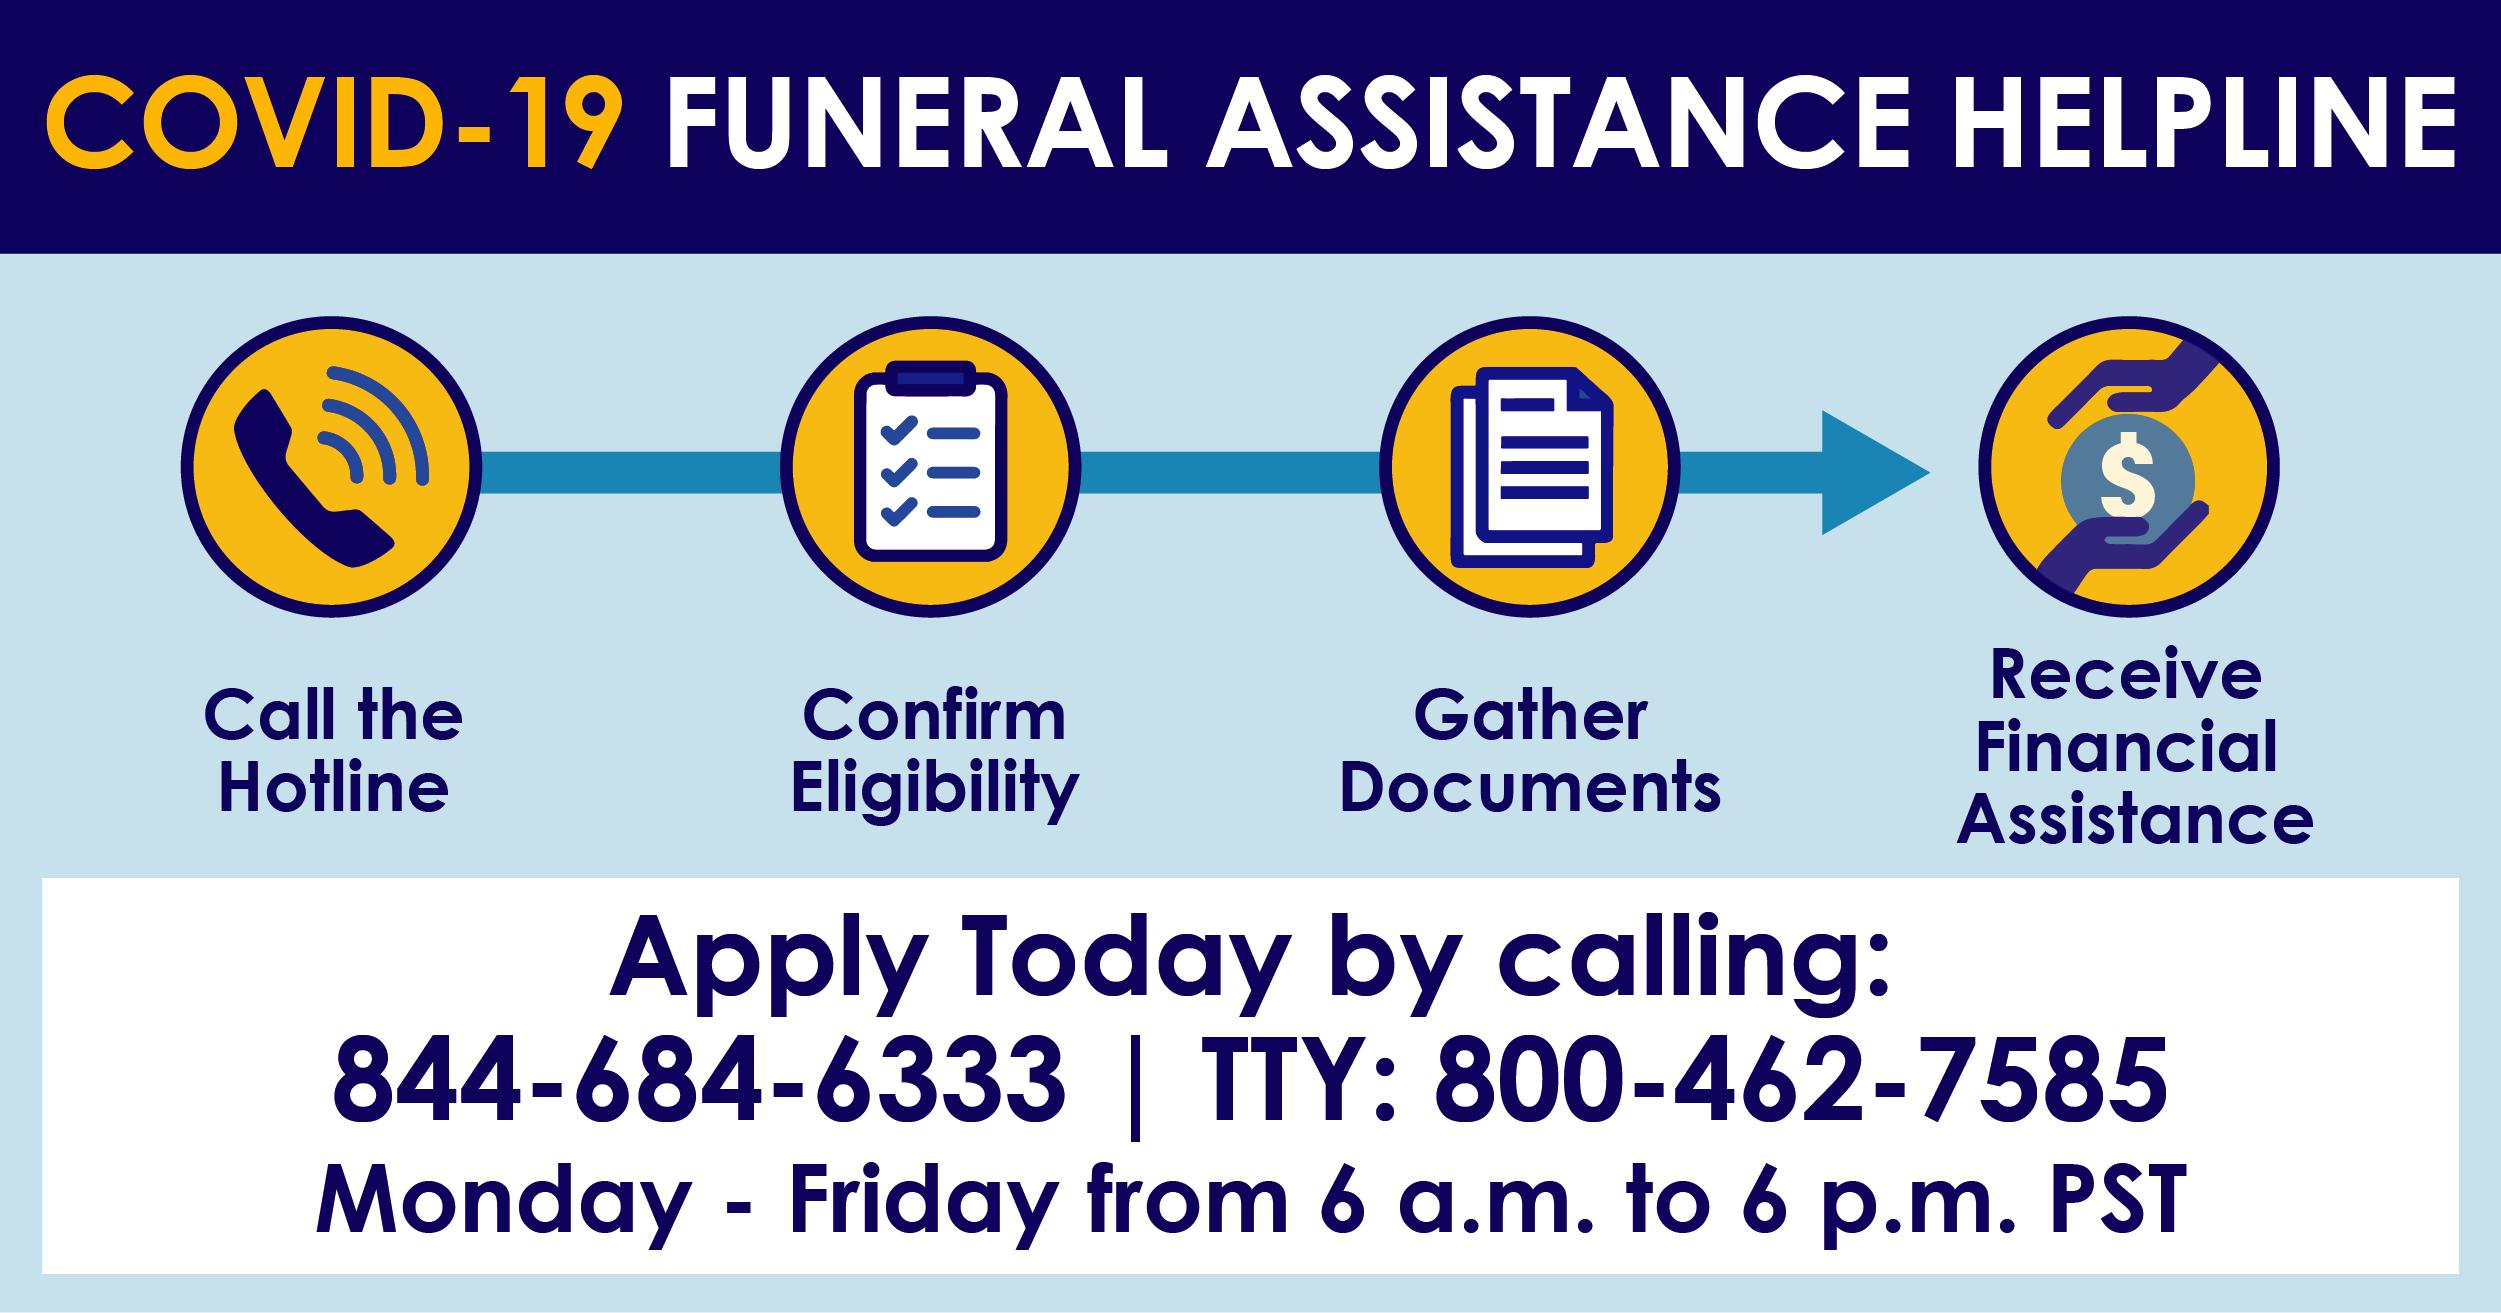 Funeral Assistance Hotline Steps